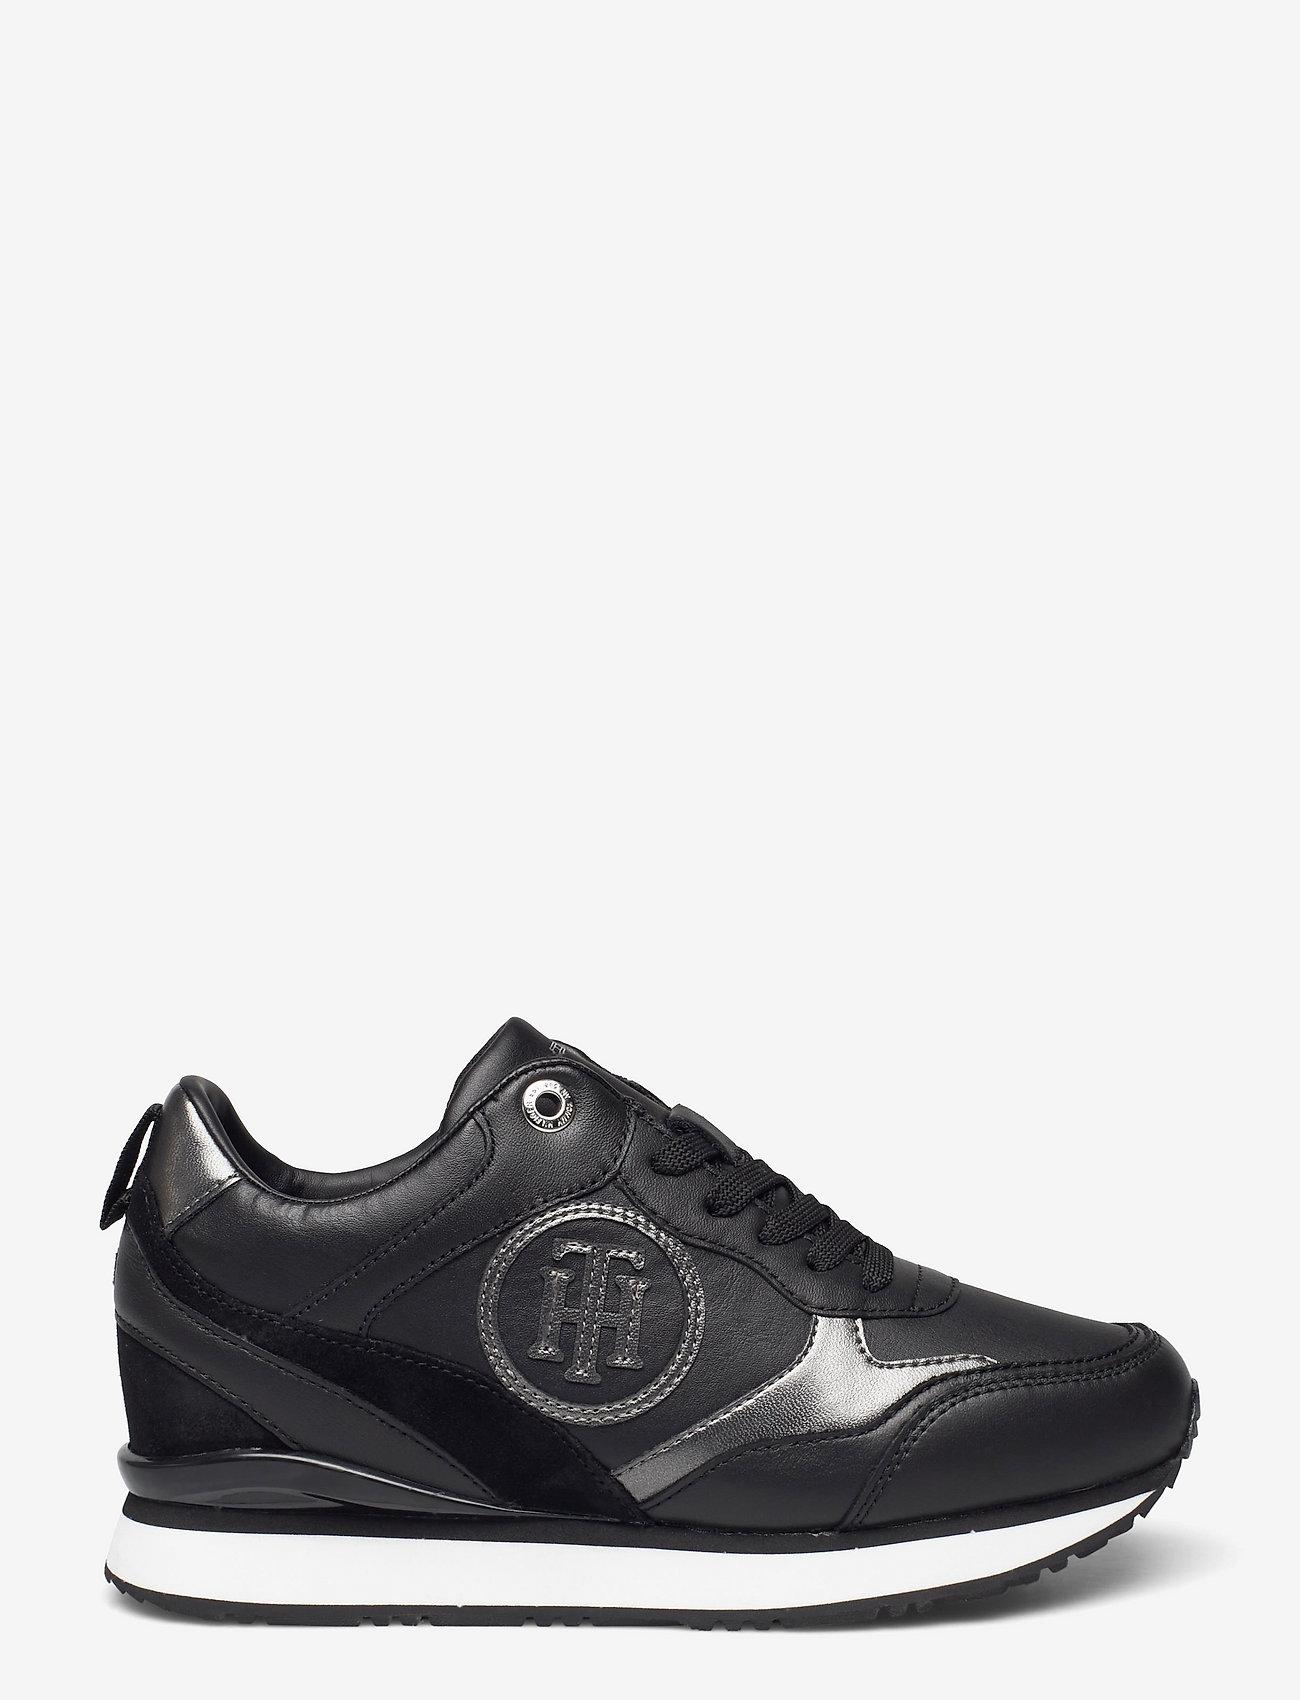 Tommy Hilfiger - METALLIC DRESSY WEDGE SNEAKER - low top sneakers - black - 1